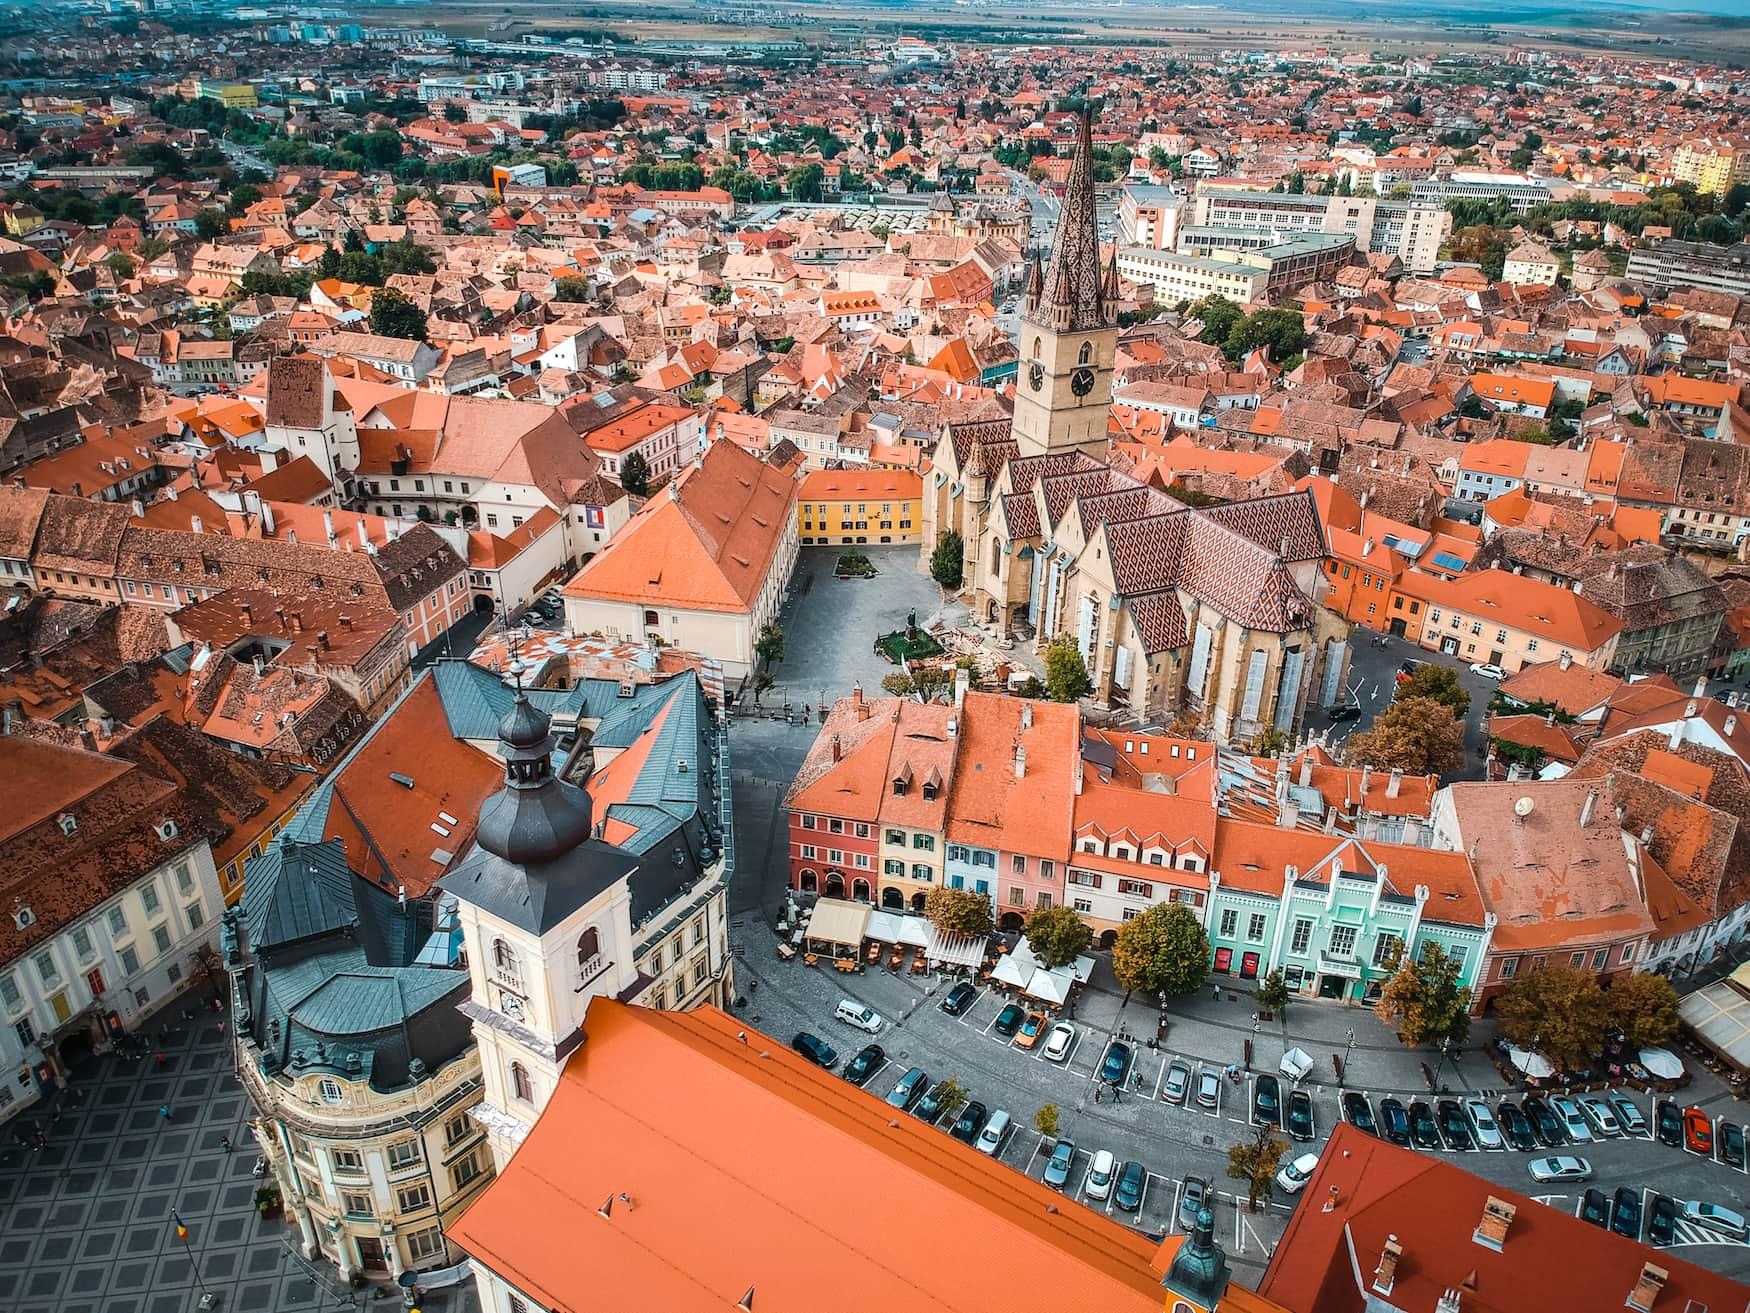 Blick über die Altstadt von Sibiu in Rumänien